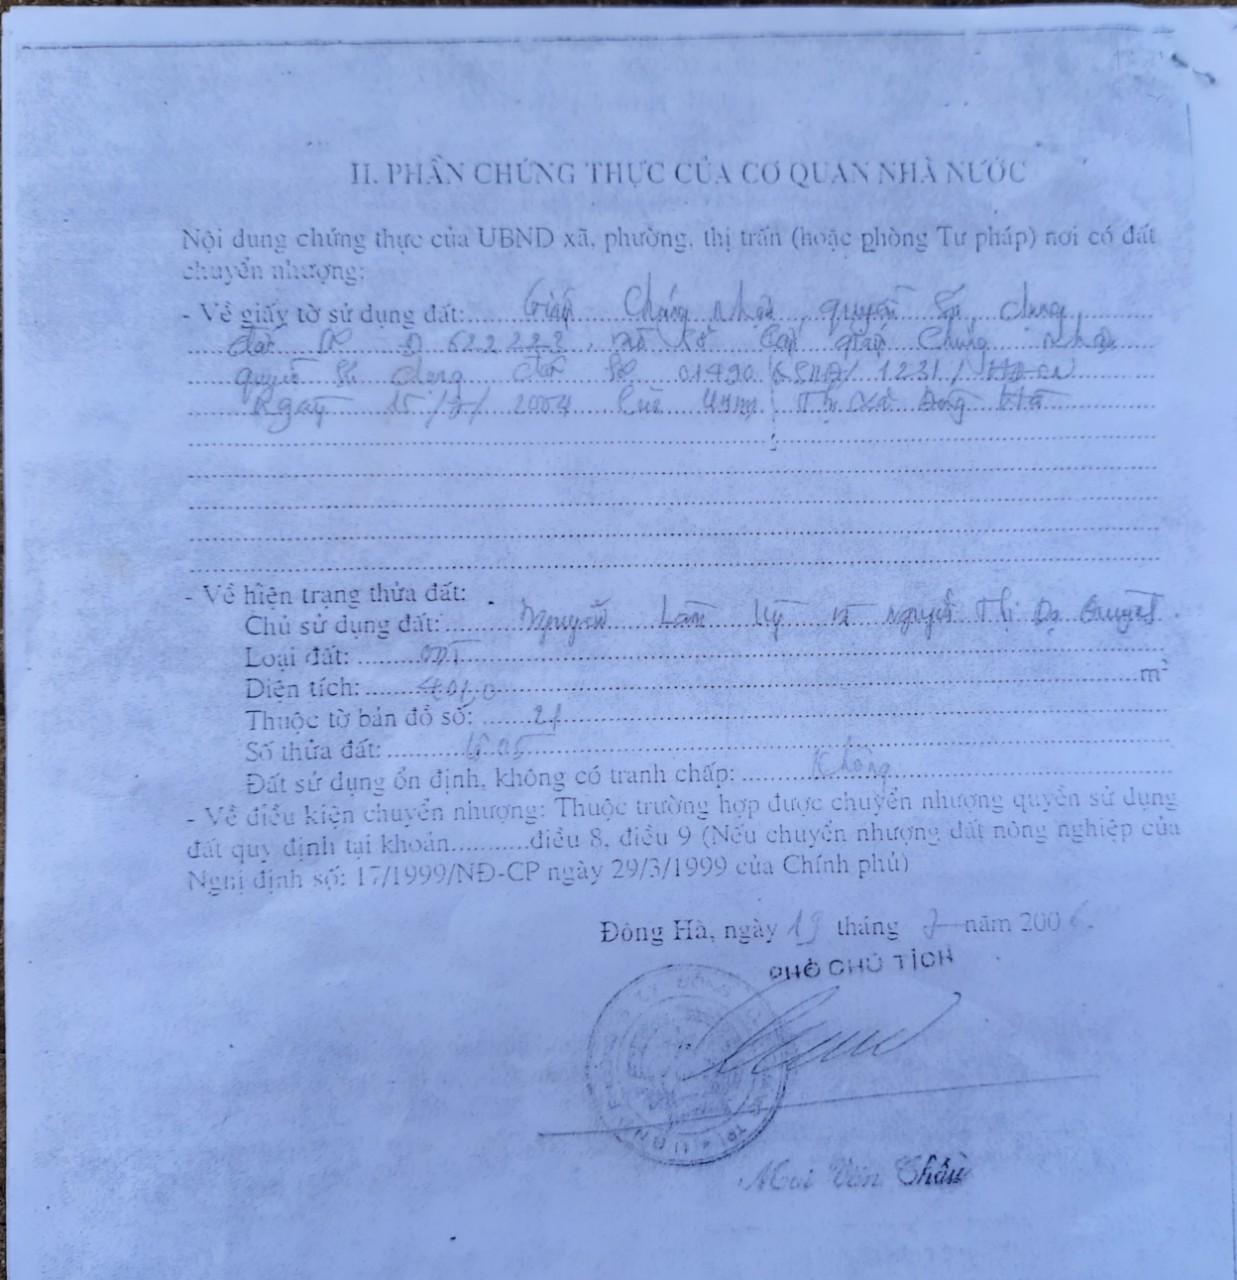 Quảng Trị: Hai anh em mất đất vì chính quyền chứng thực hợp đồng khống - Ảnh 2.